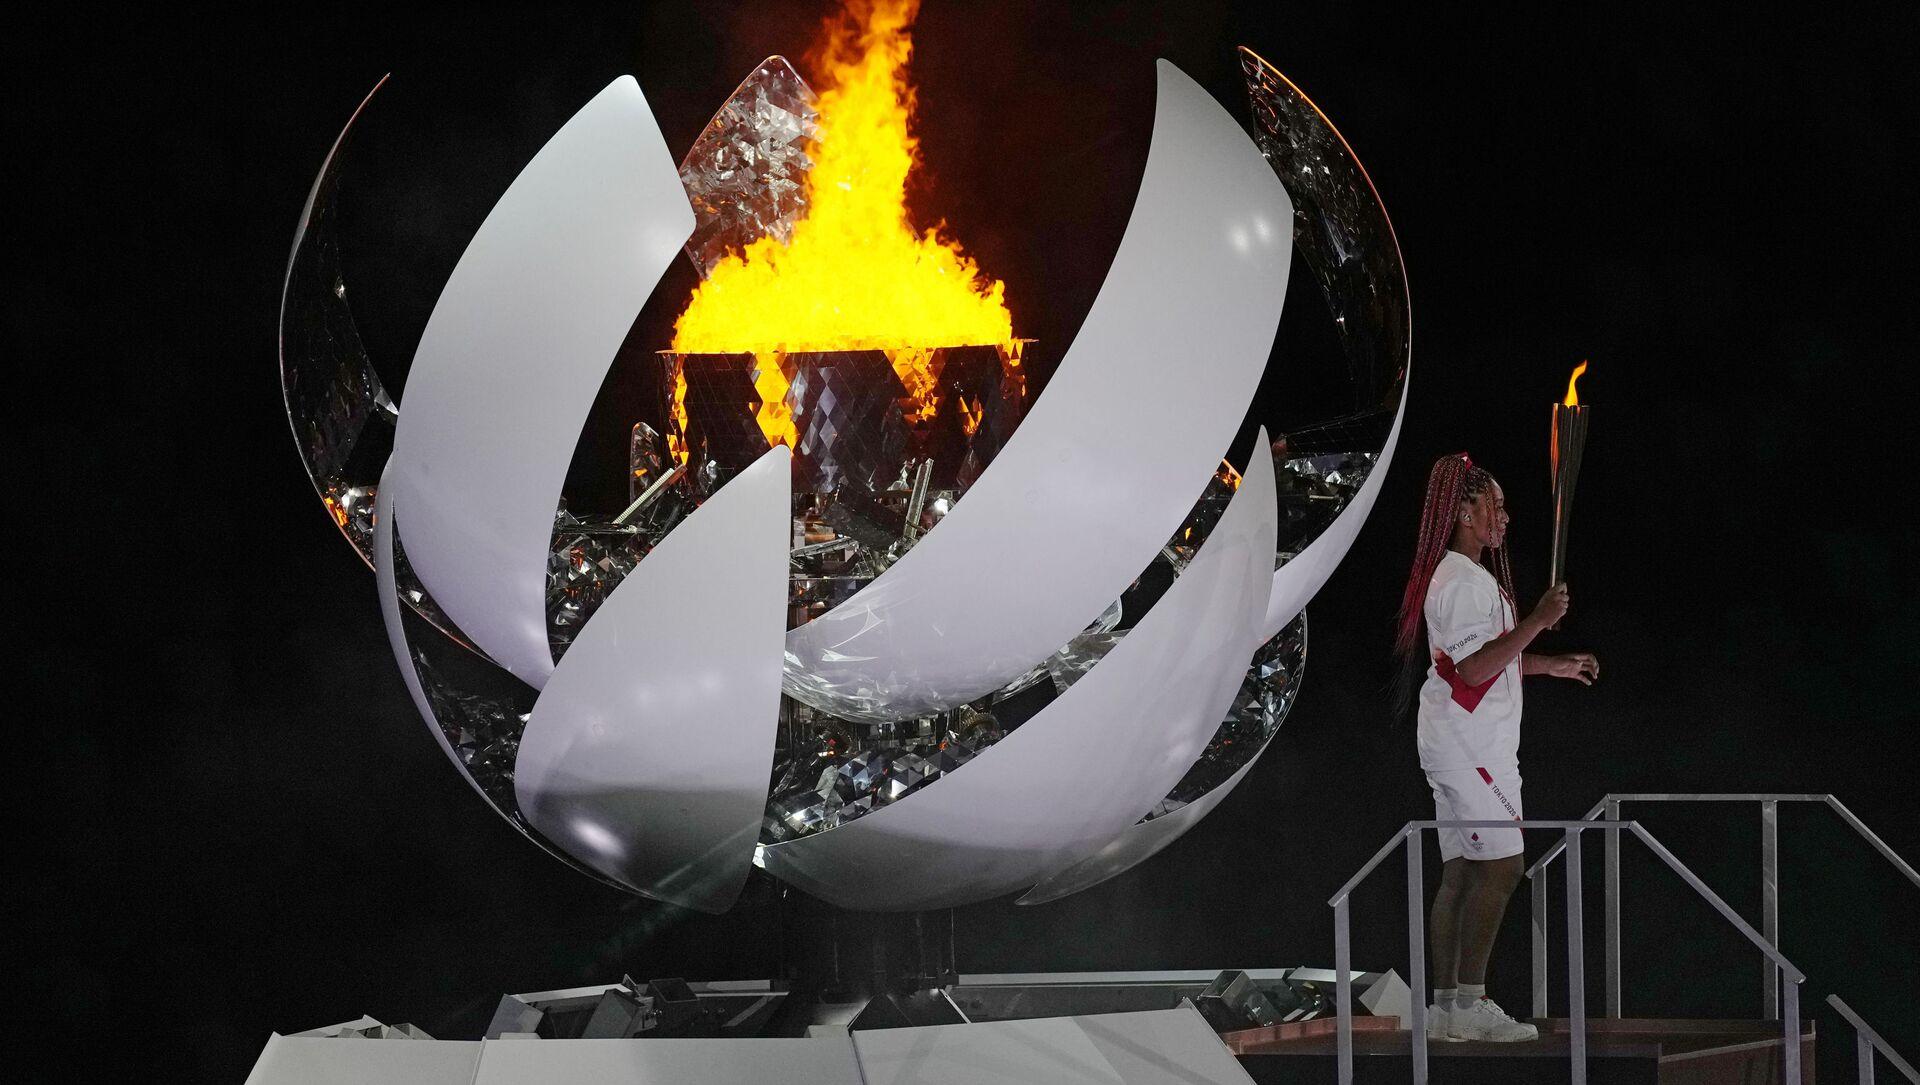 Tokyo'da Olimpiyat meşalesi  tenisçi Naomi Osaka tarafından yakıldı  - Sputnik Türkiye, 1920, 23.07.2021